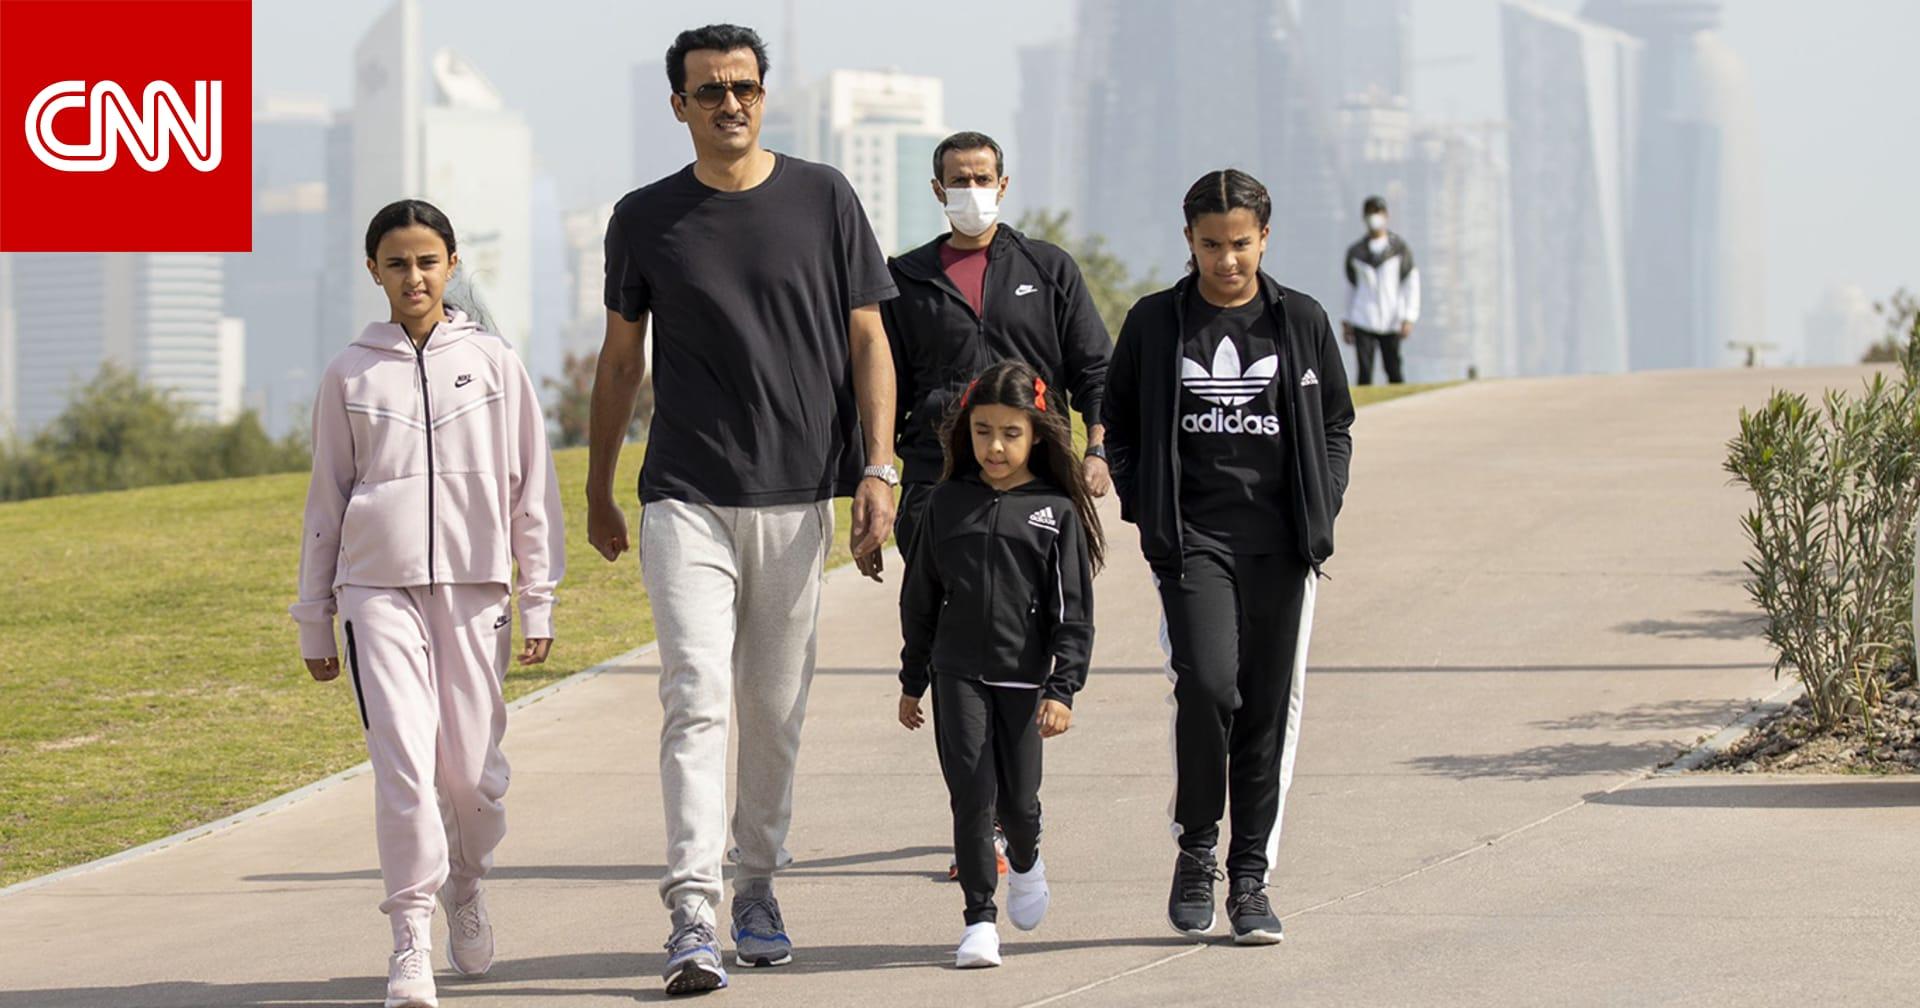 أمير قطر يشارك في اليوم الرياضي.. والشيخة موزا: يأتي في ظرف استثنائي